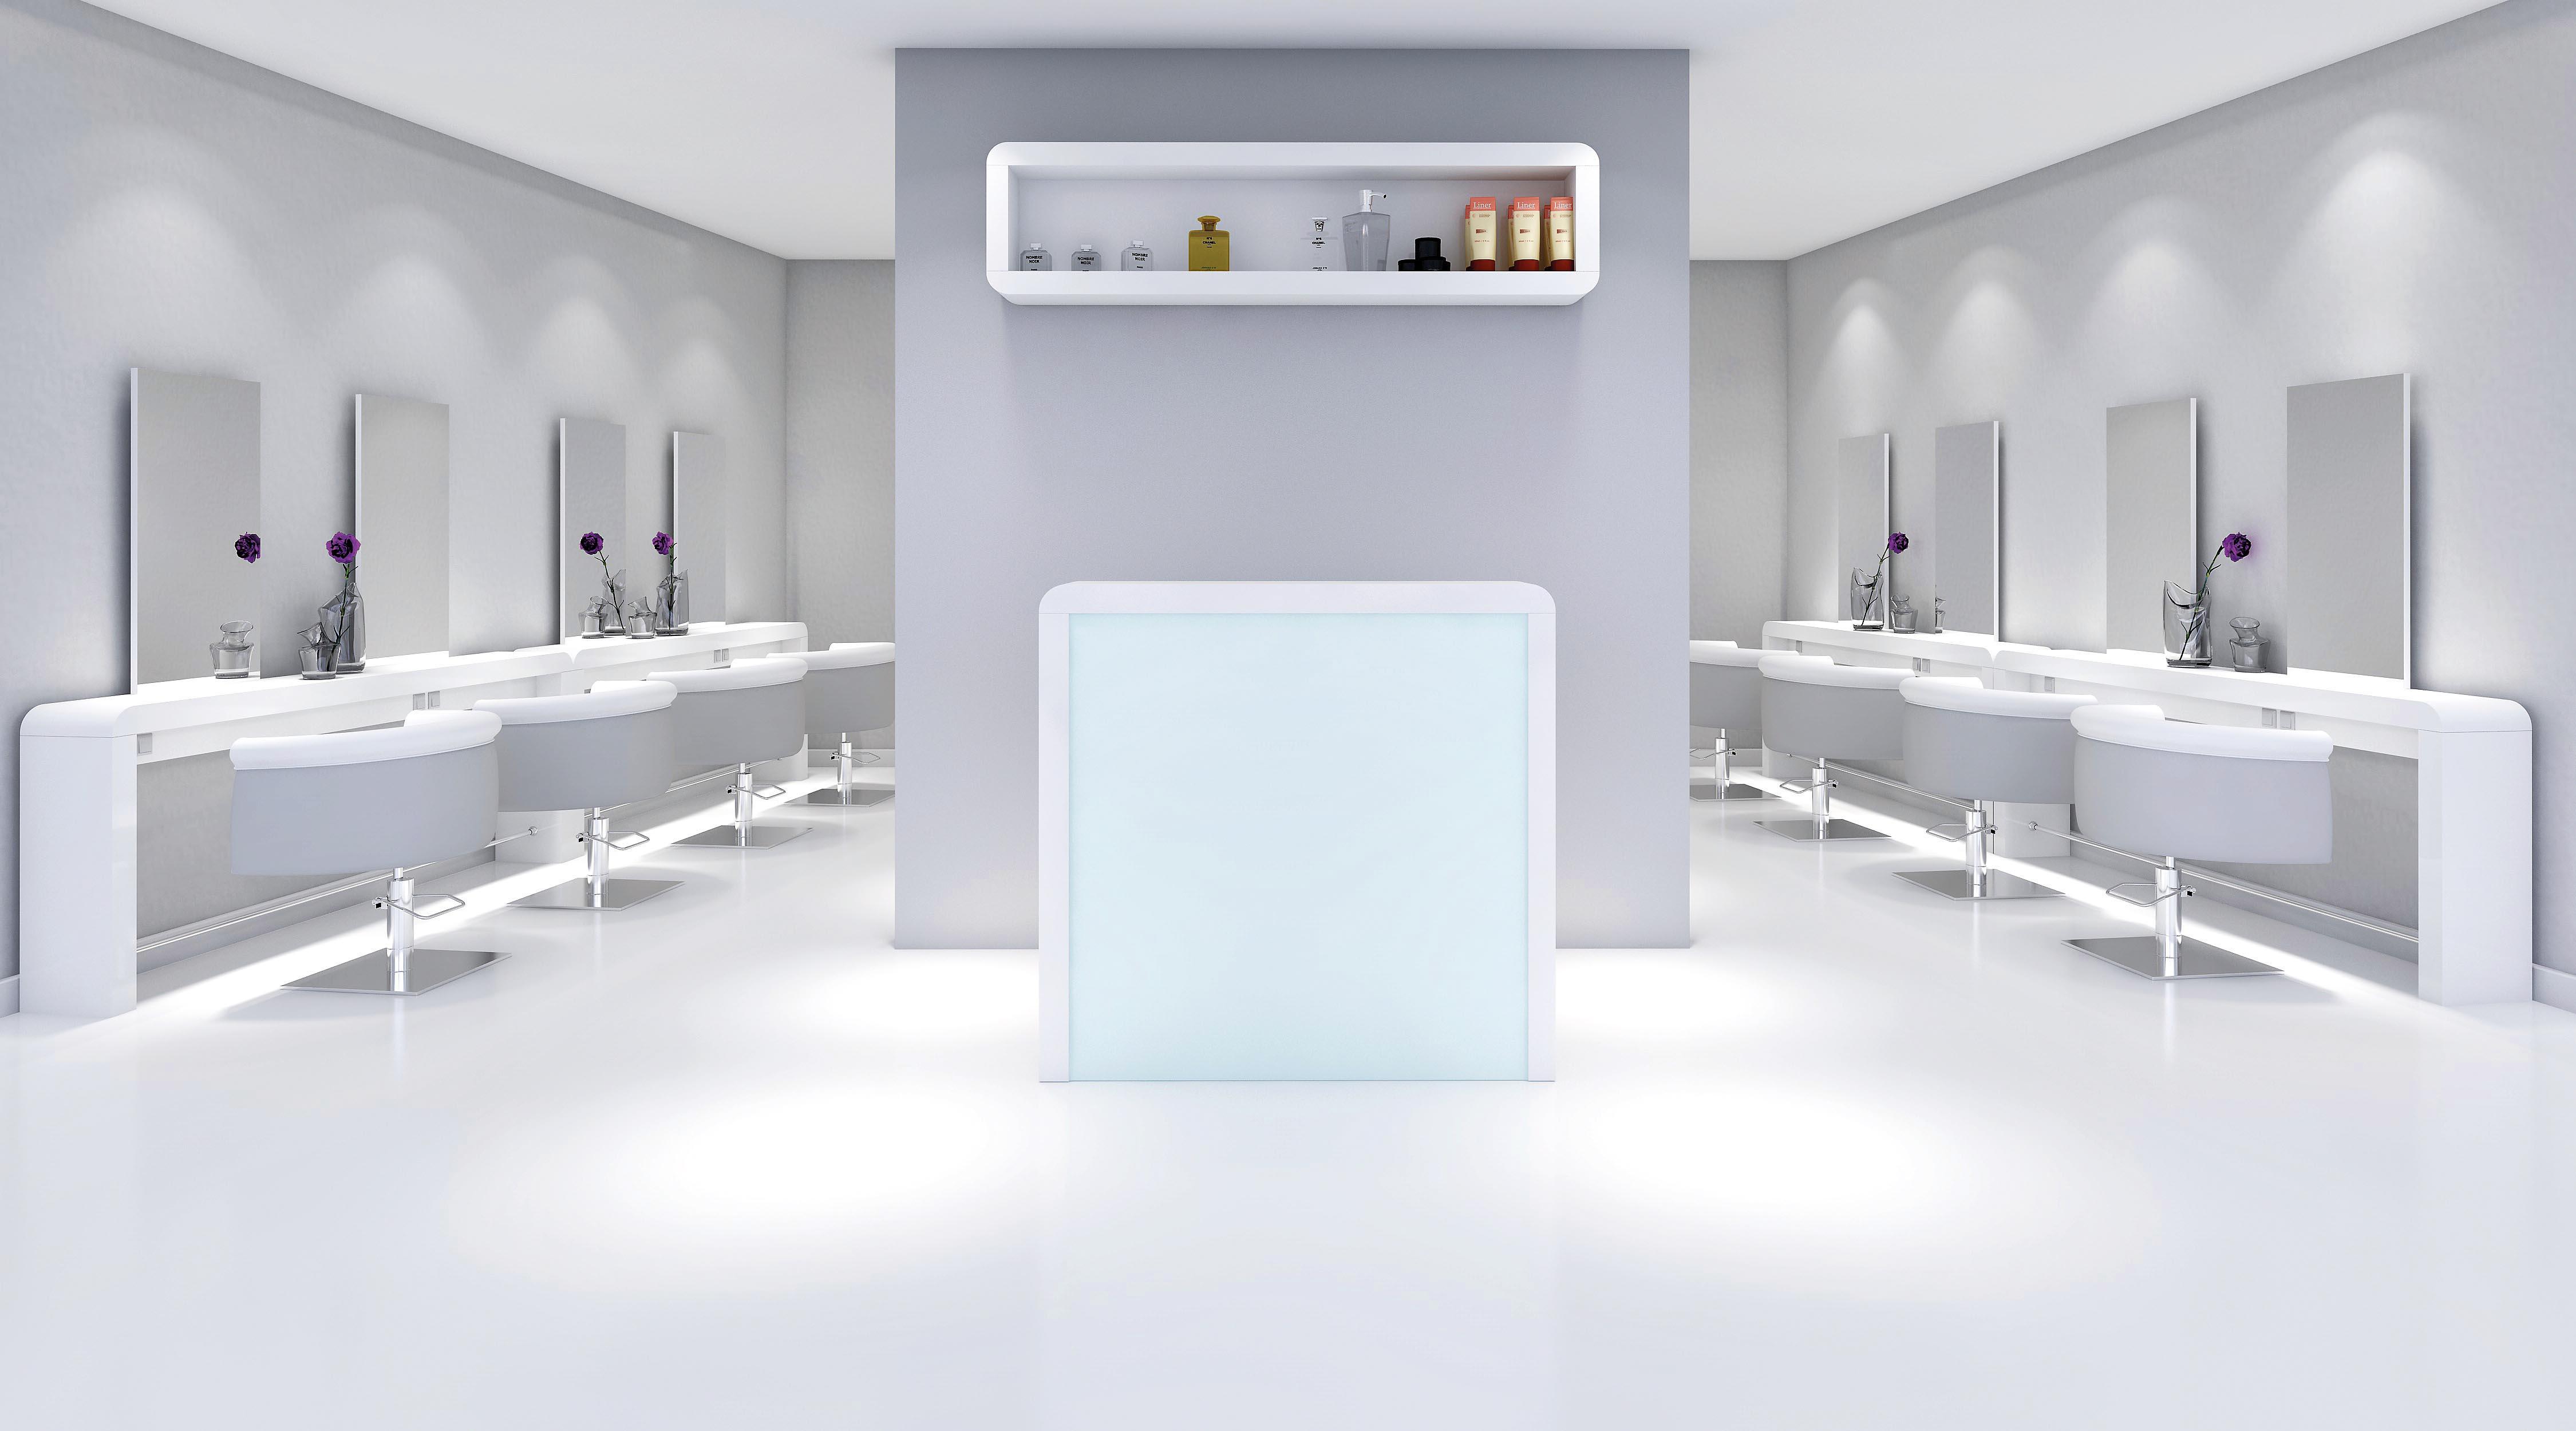 Witryna Reflection - Ayala - ekspozytor na kosmetyki